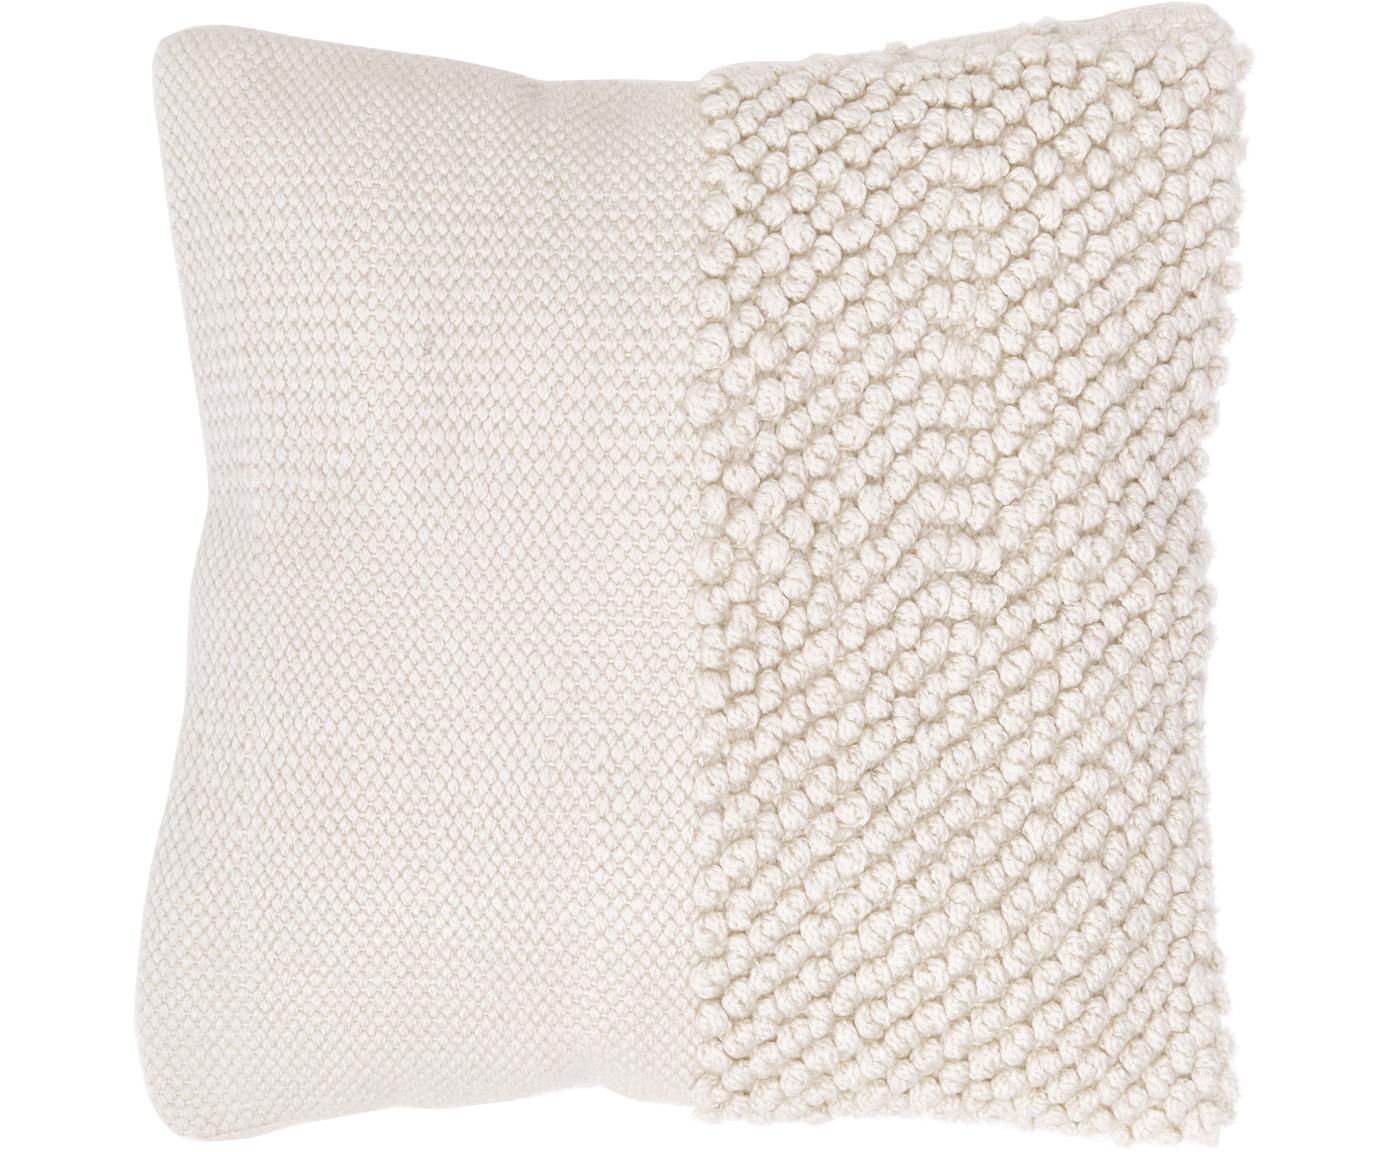 Kissenhülle Andi mit strukturierter Oberfläche, 80% Acryl, 20% Baumwolle, Cremeweiss, 40 x 40 cm